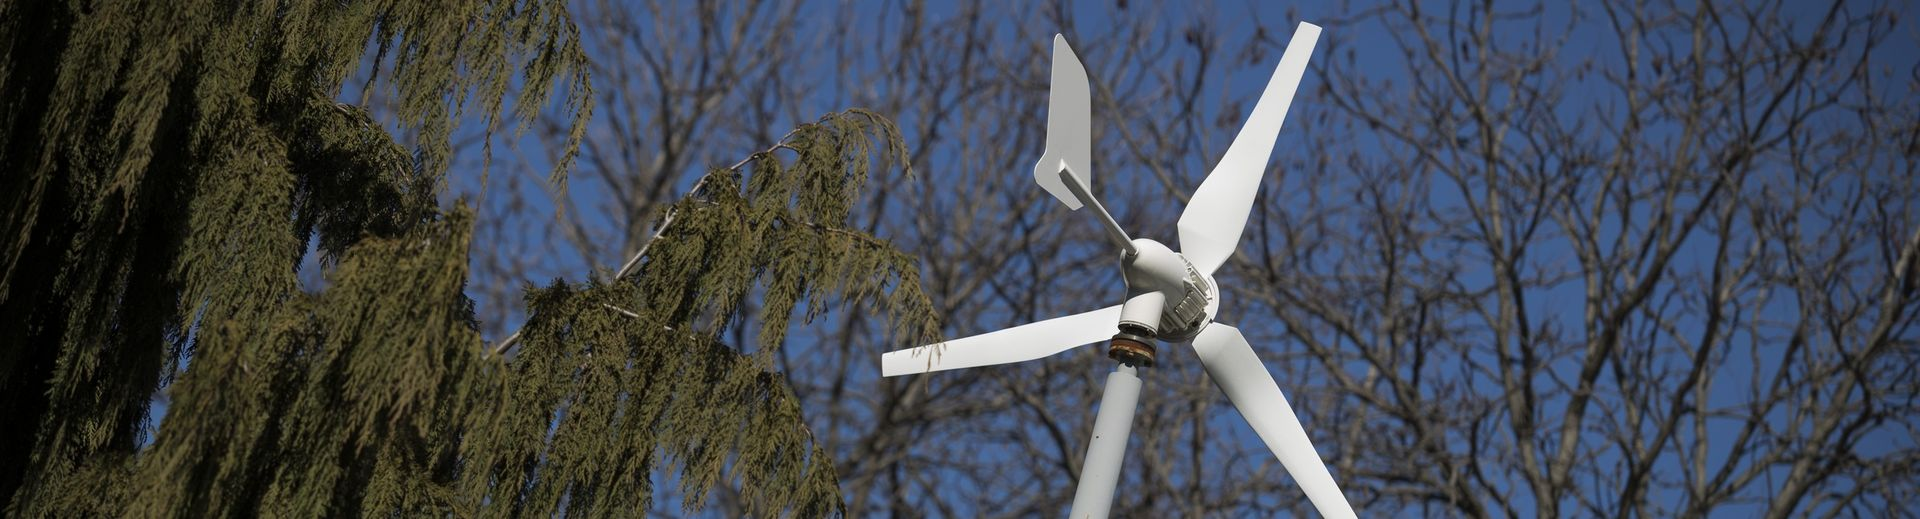 A wind turbine and a sunny, blue sky.